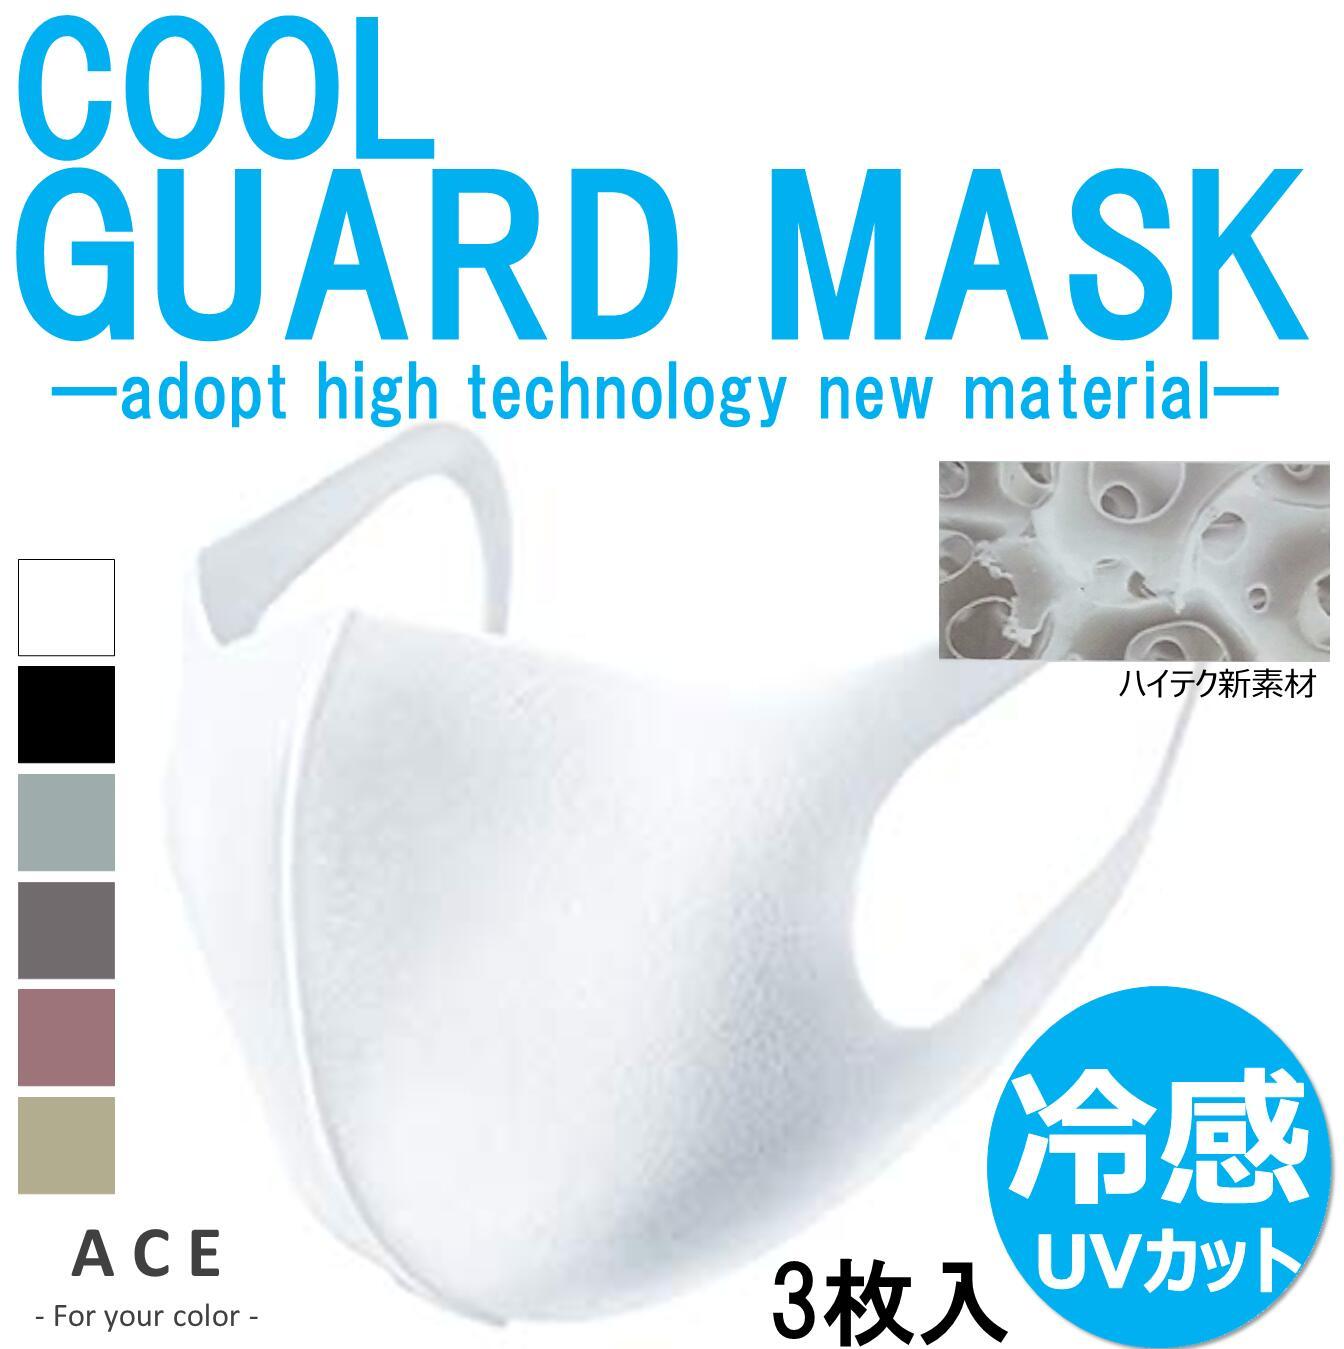 【送料無料】冷感洗えるガードマスク